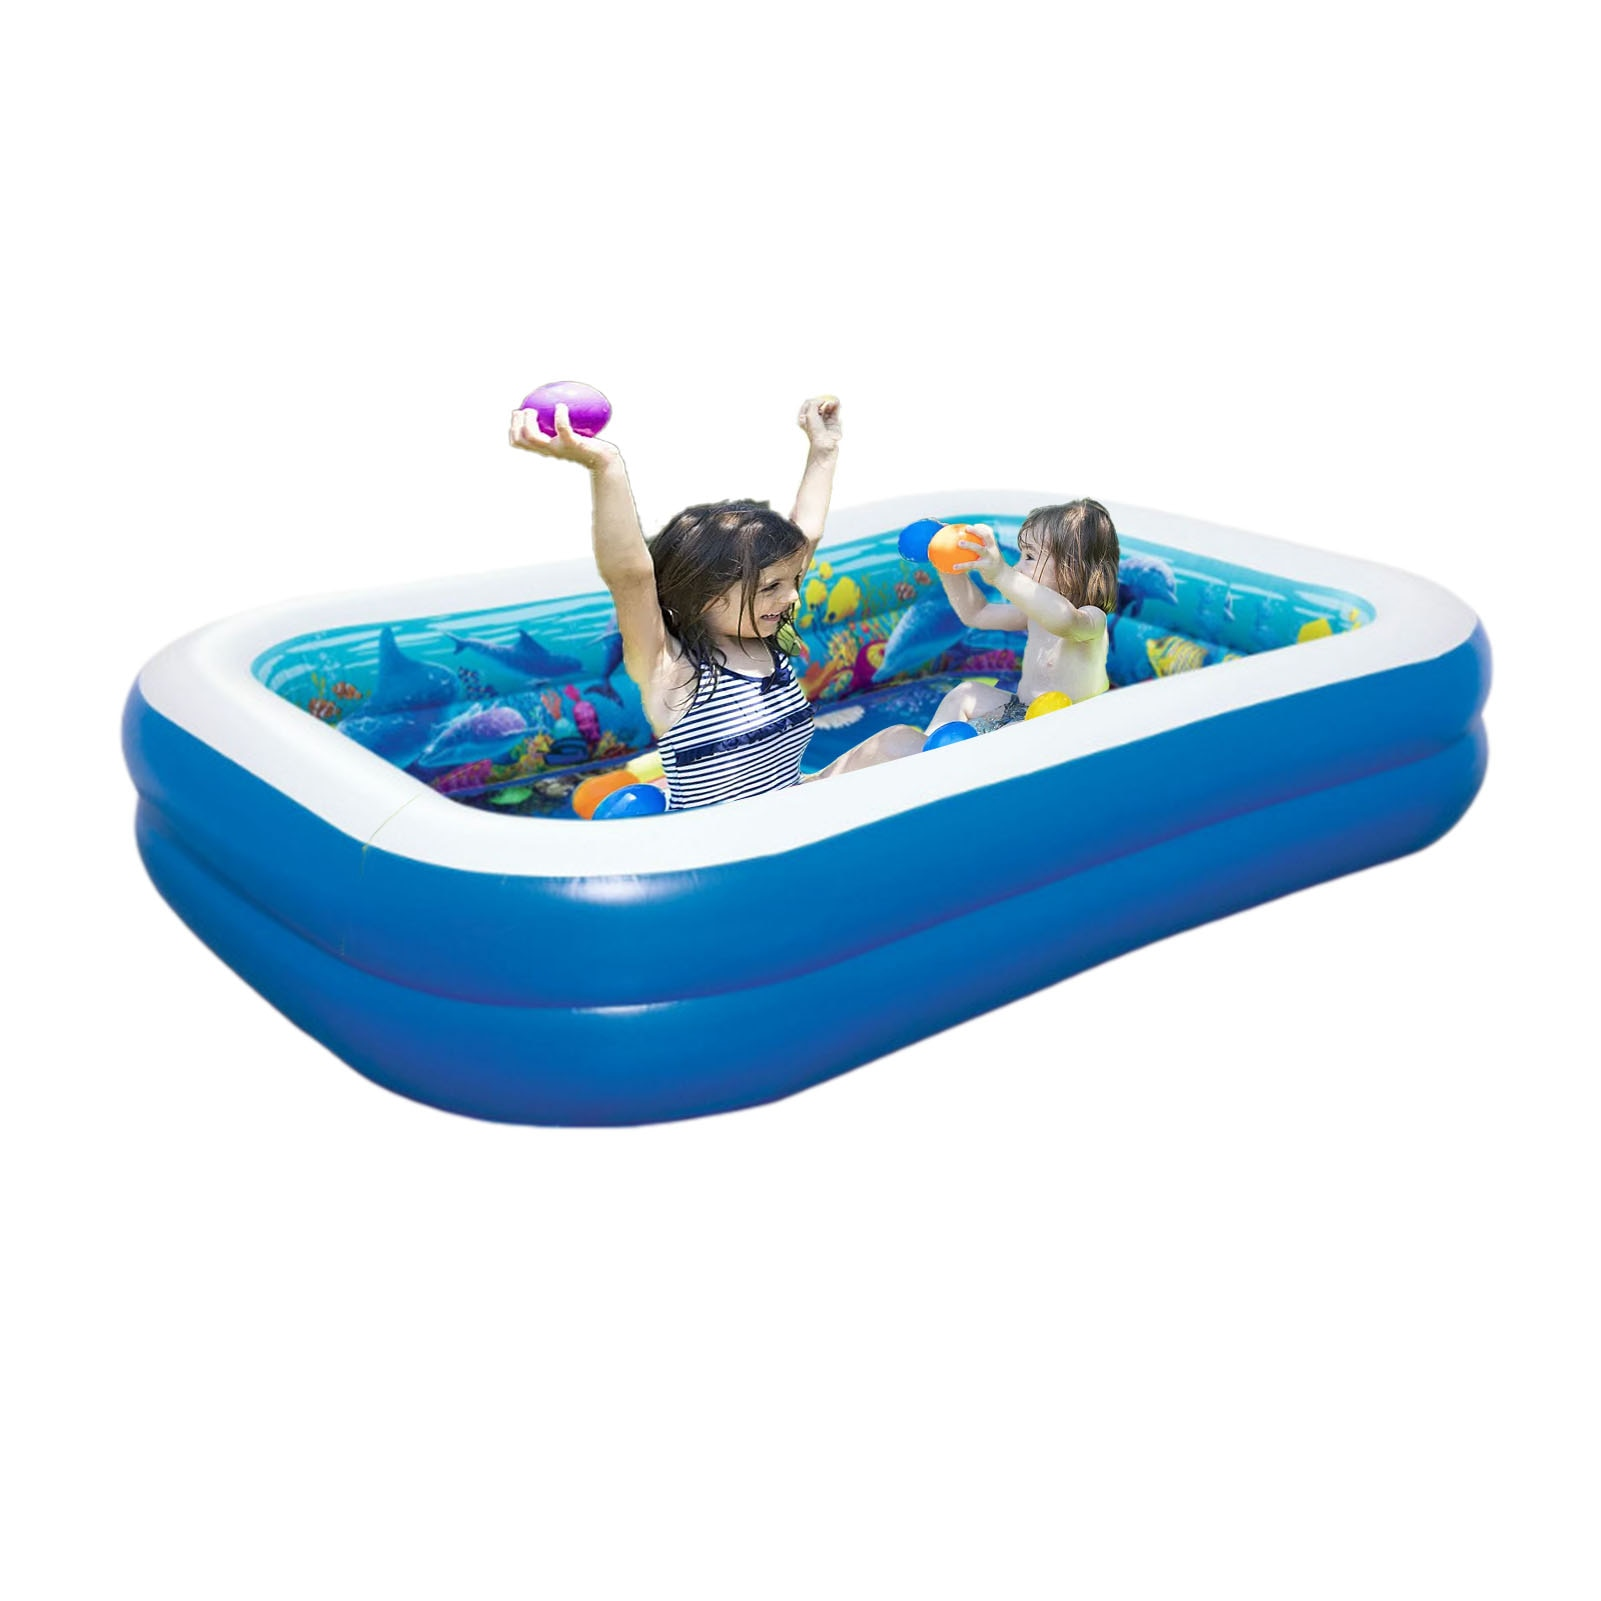 حمام سباحة قابل للنفخ الأسرة المياه متعة بركة للأطفال حديقة الصيف في الهواء الطلق الاطفال التجديف بركة كبيرة الحجم